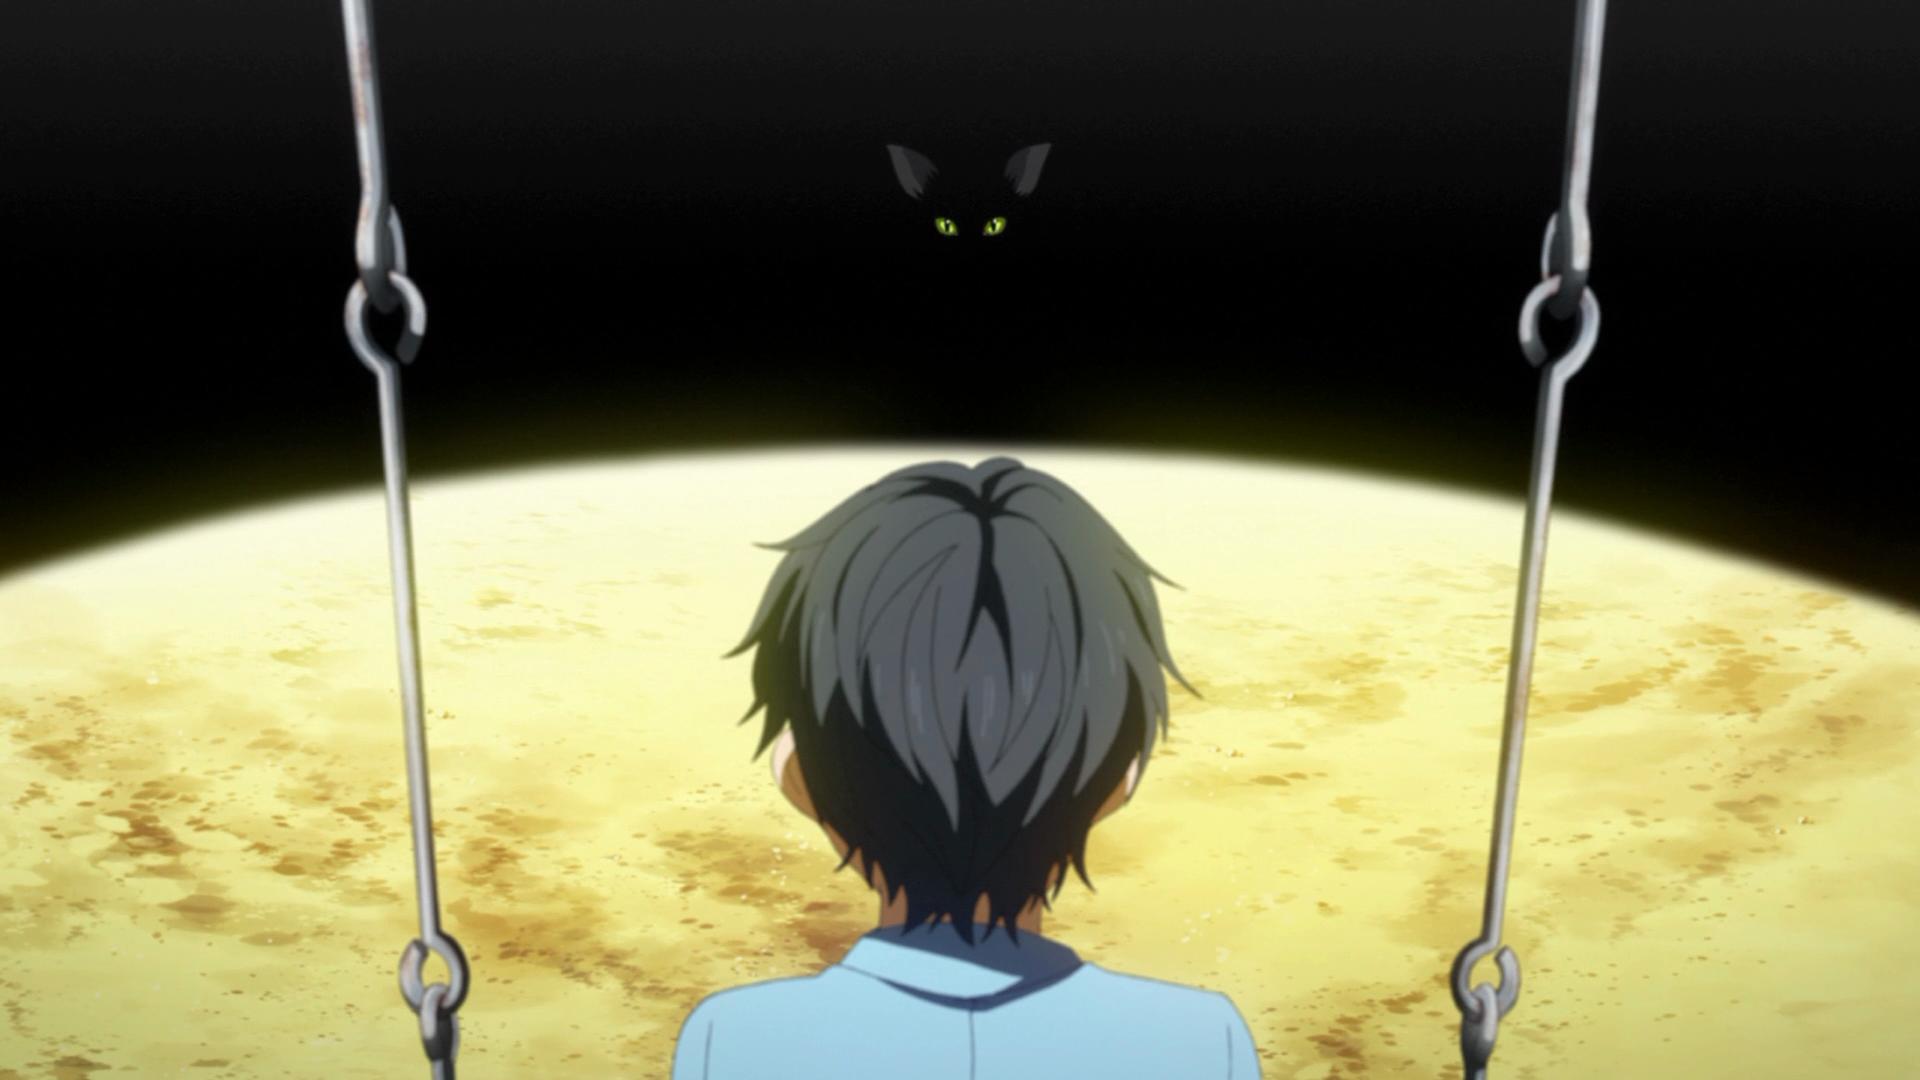 Kousei sentado em um balanço na lua conversando com o gato preto de Cheshire